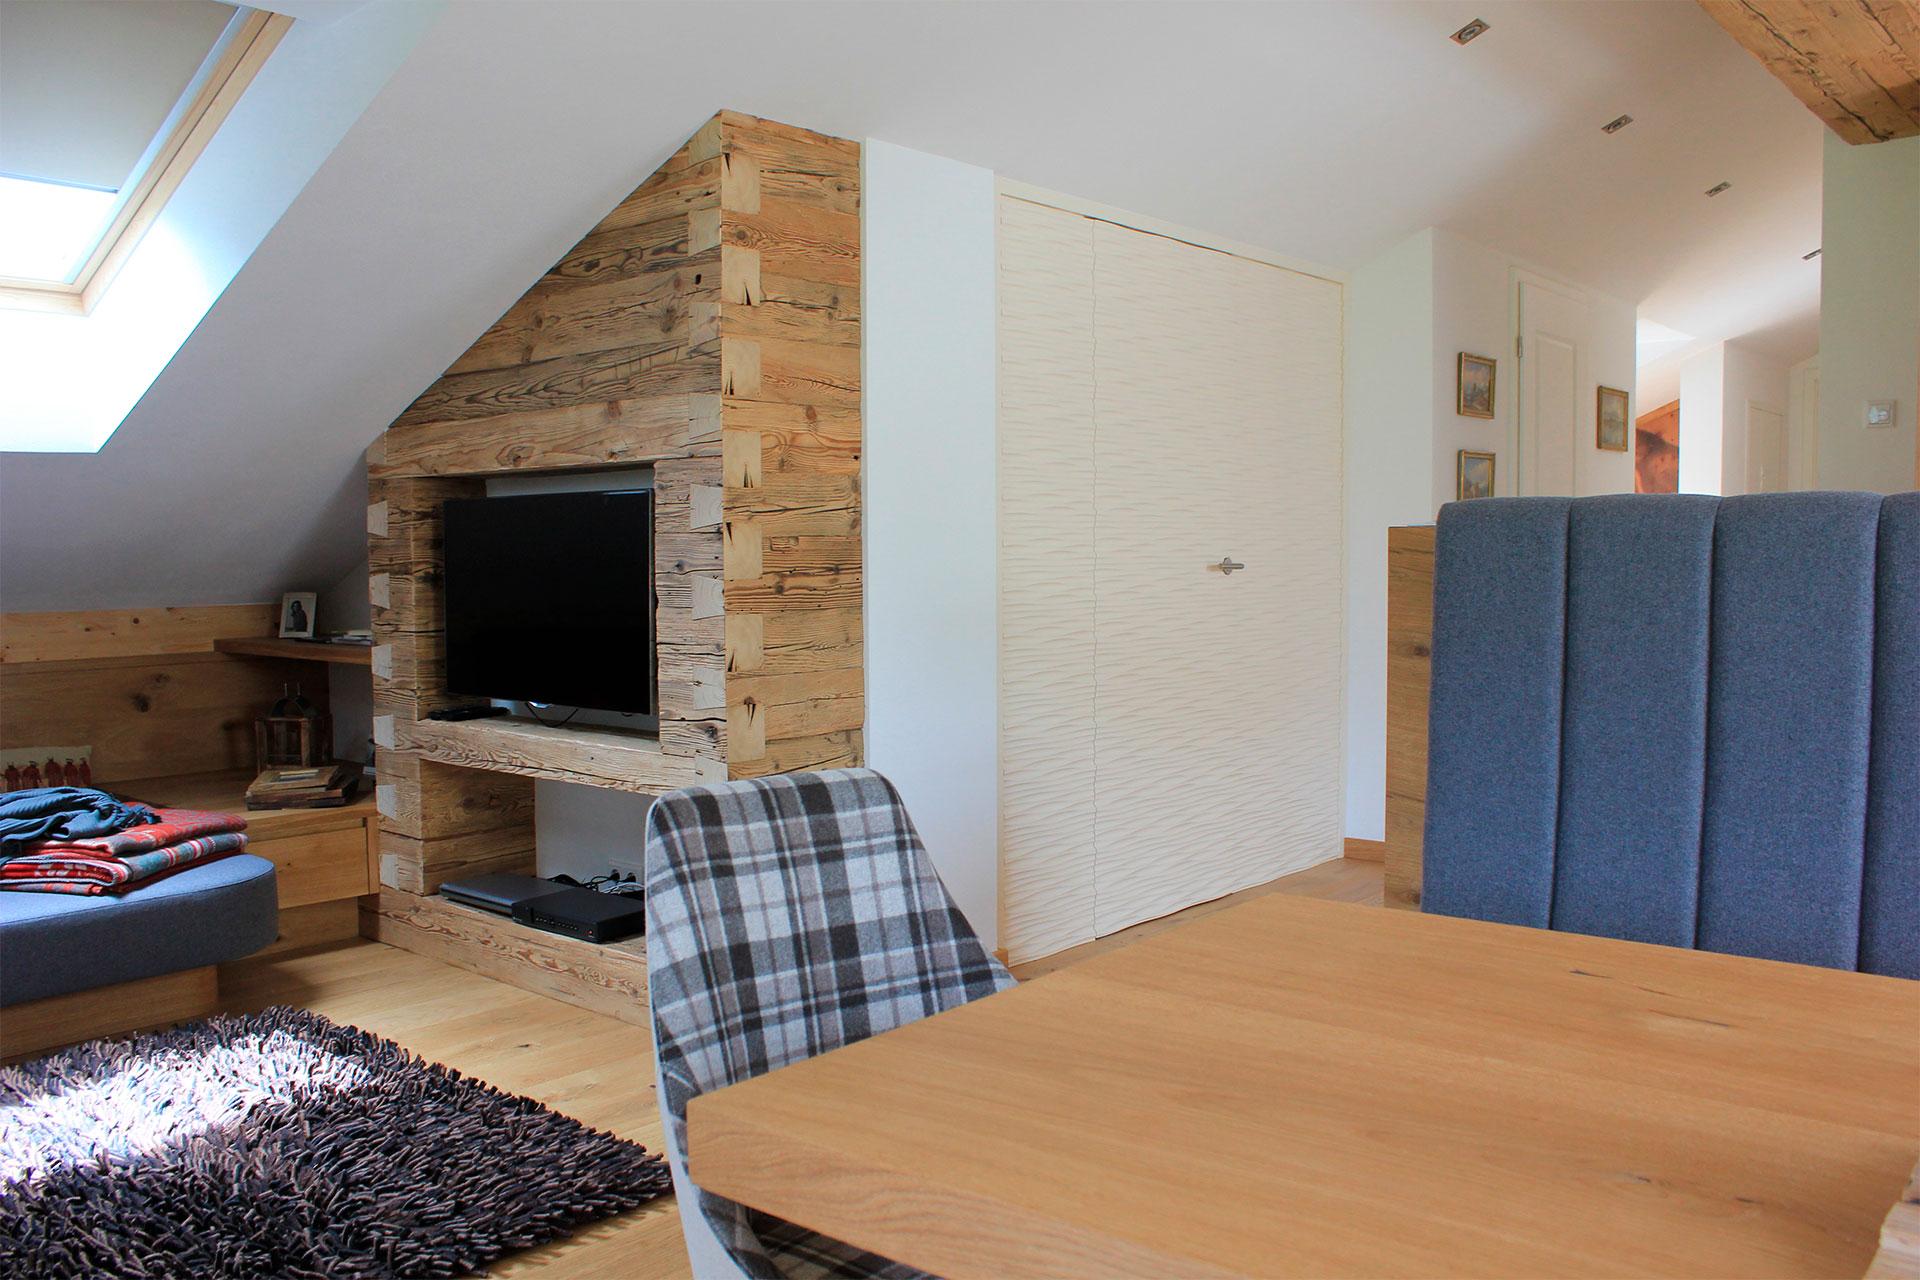 Tischlerei-Decker-Projekte-Wohnung-B-Wohnraum